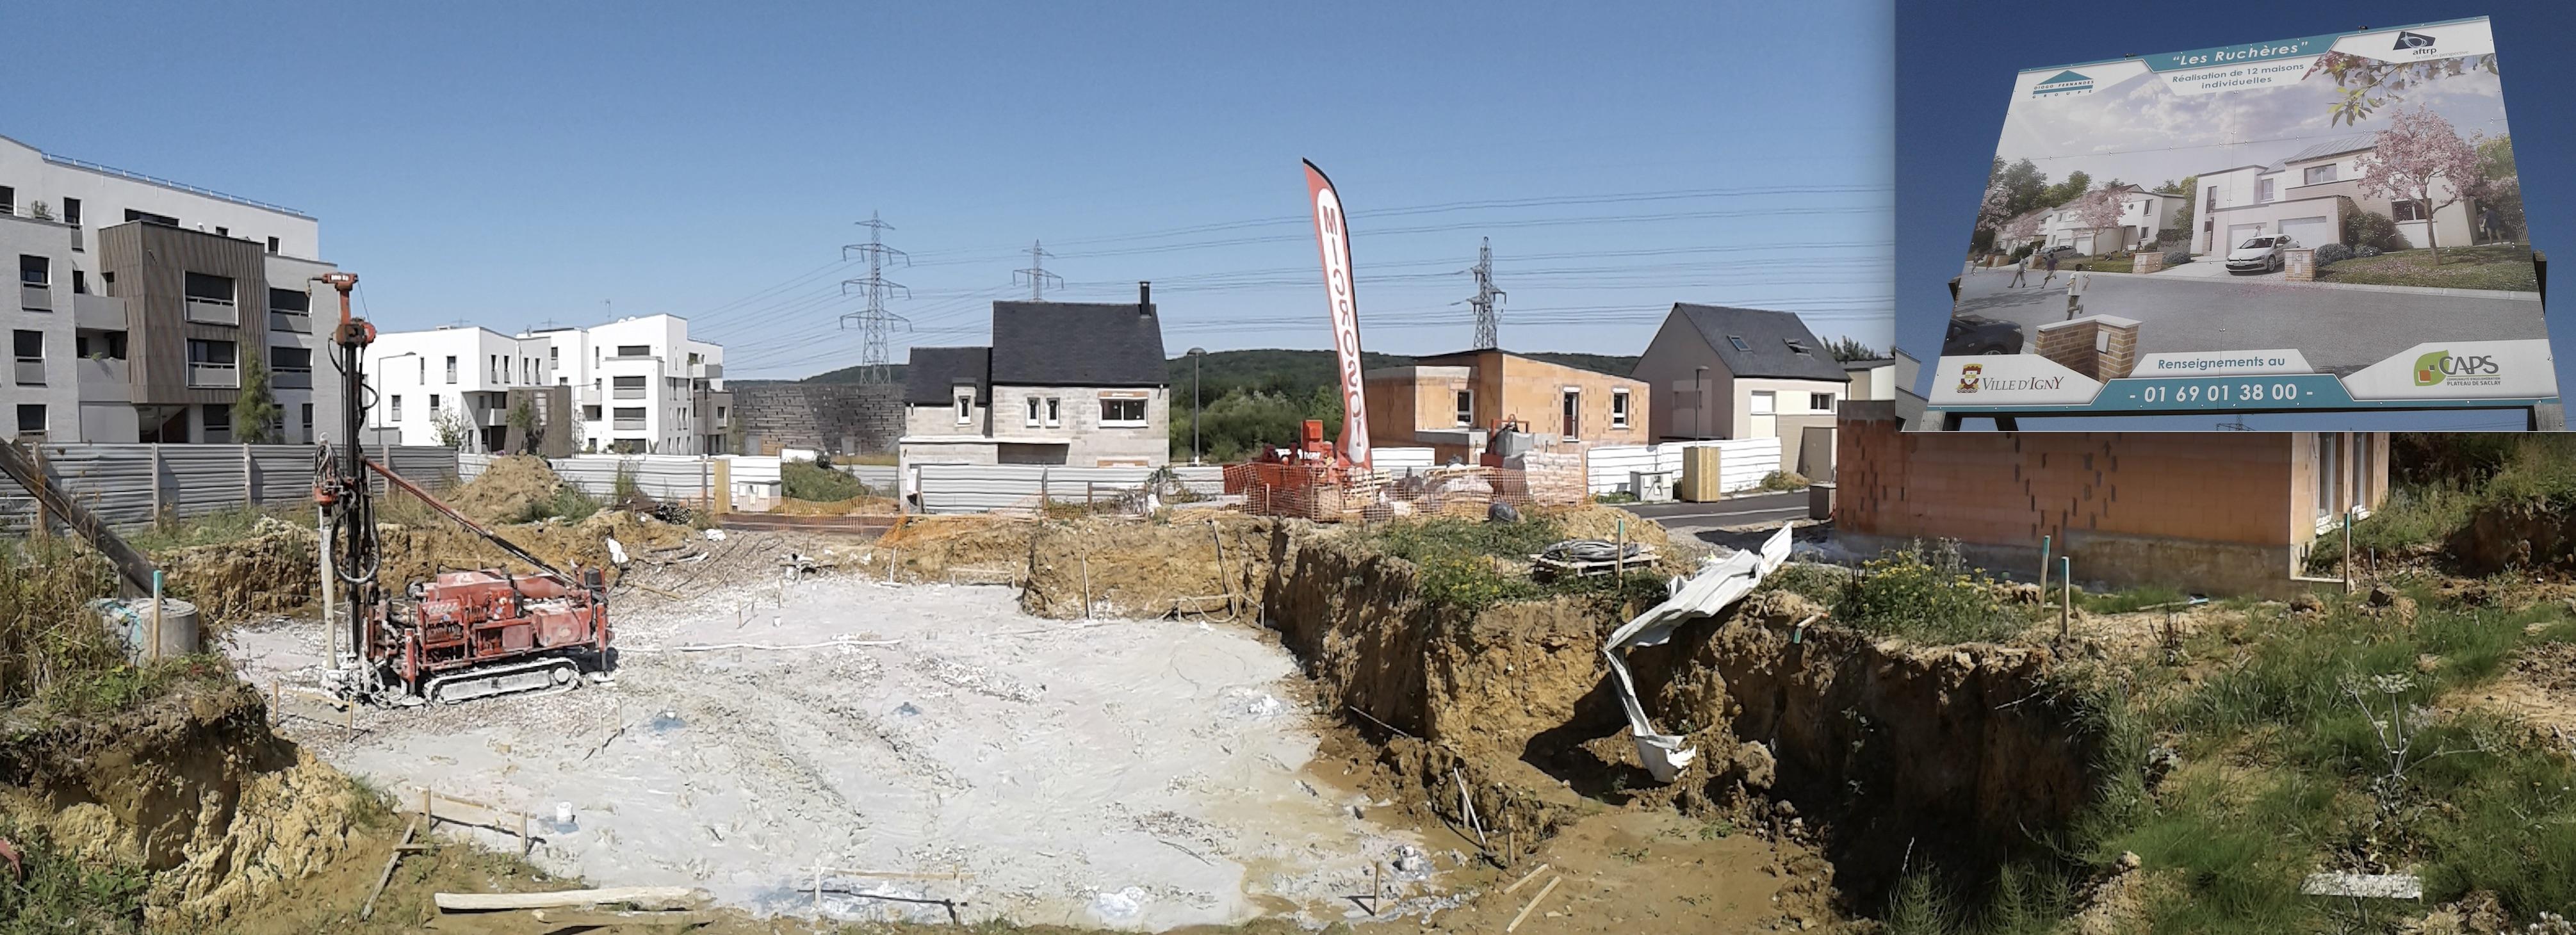 CONSTRUCTION DU LOTISSEMENT LA RUCHÈRES